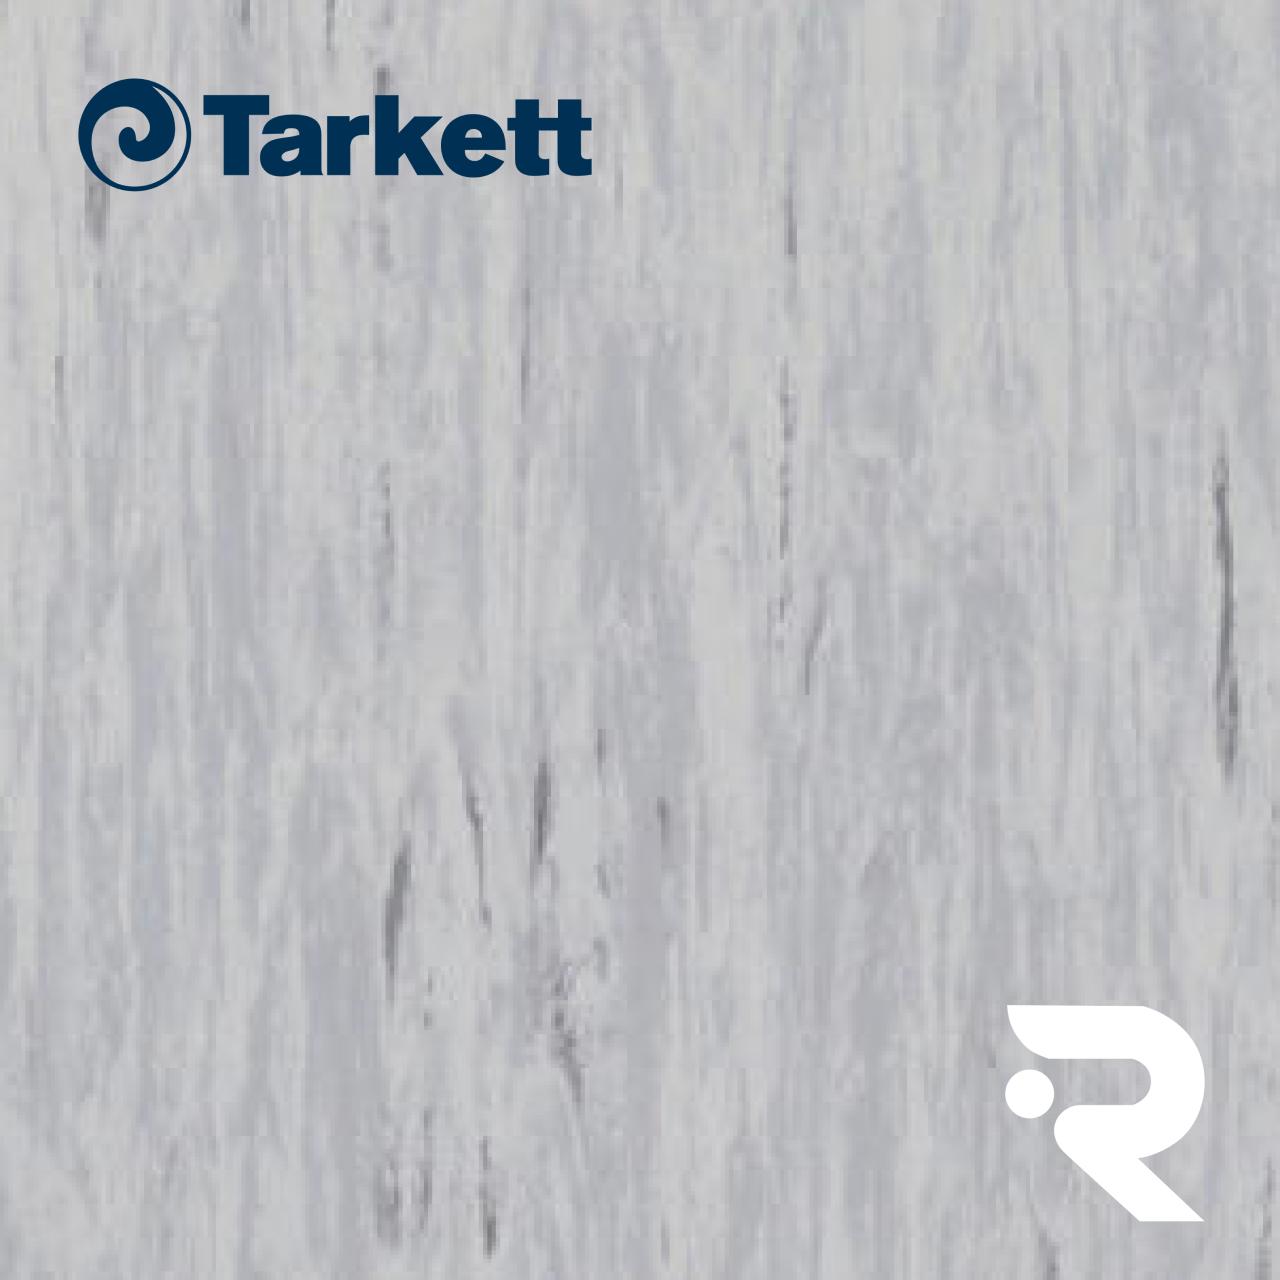 🏫 Гомогенний лінолеум Tarkett   Standard LIGHT BEIGE GREY 0494   Standard Plus 2.0 mm   2 х 23 м